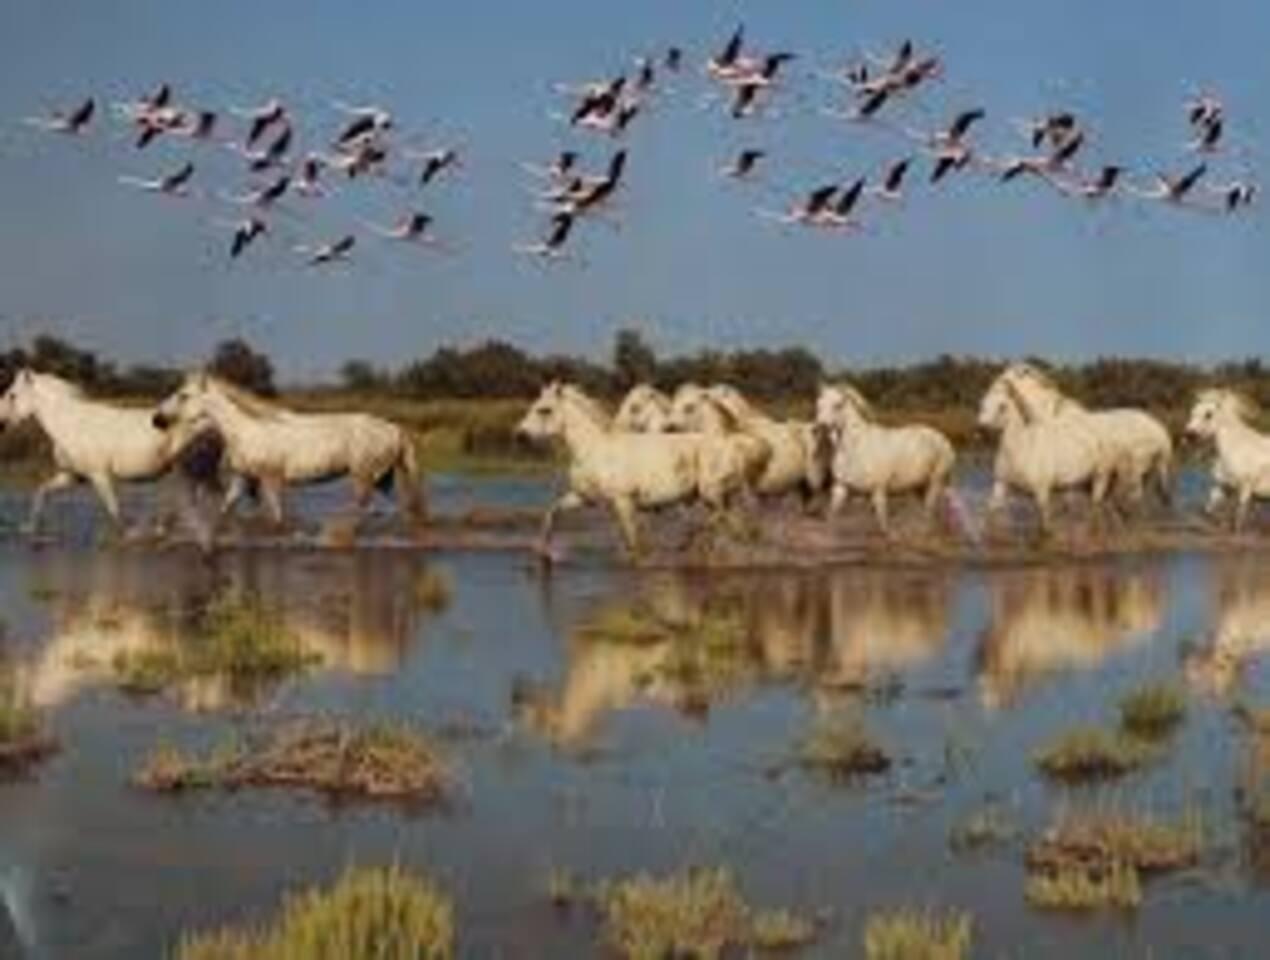 vol de flamands au dessus des chevaux de Camargue